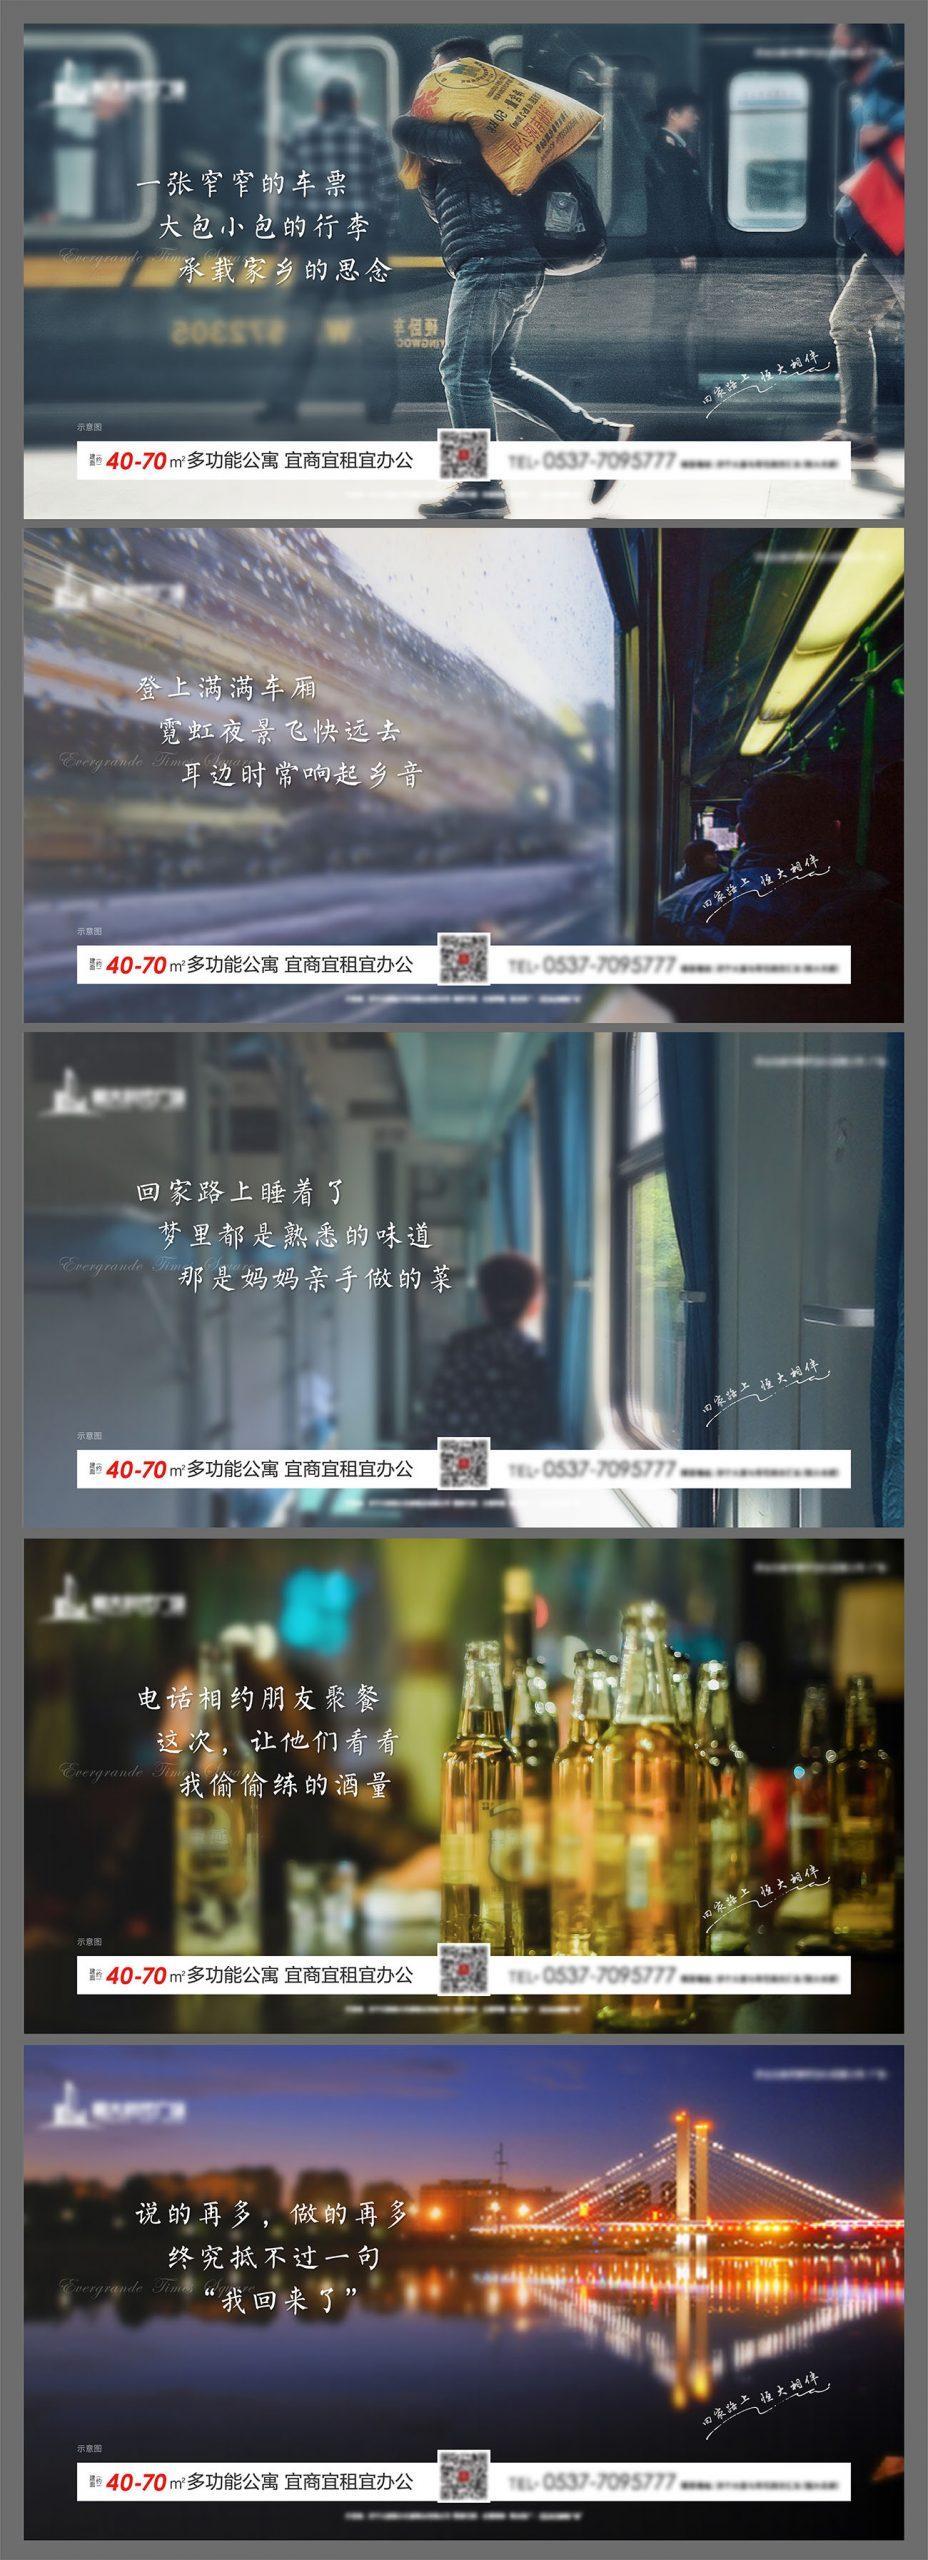 地产返乡置业回家路上系列海报AI+PSD源文件插图